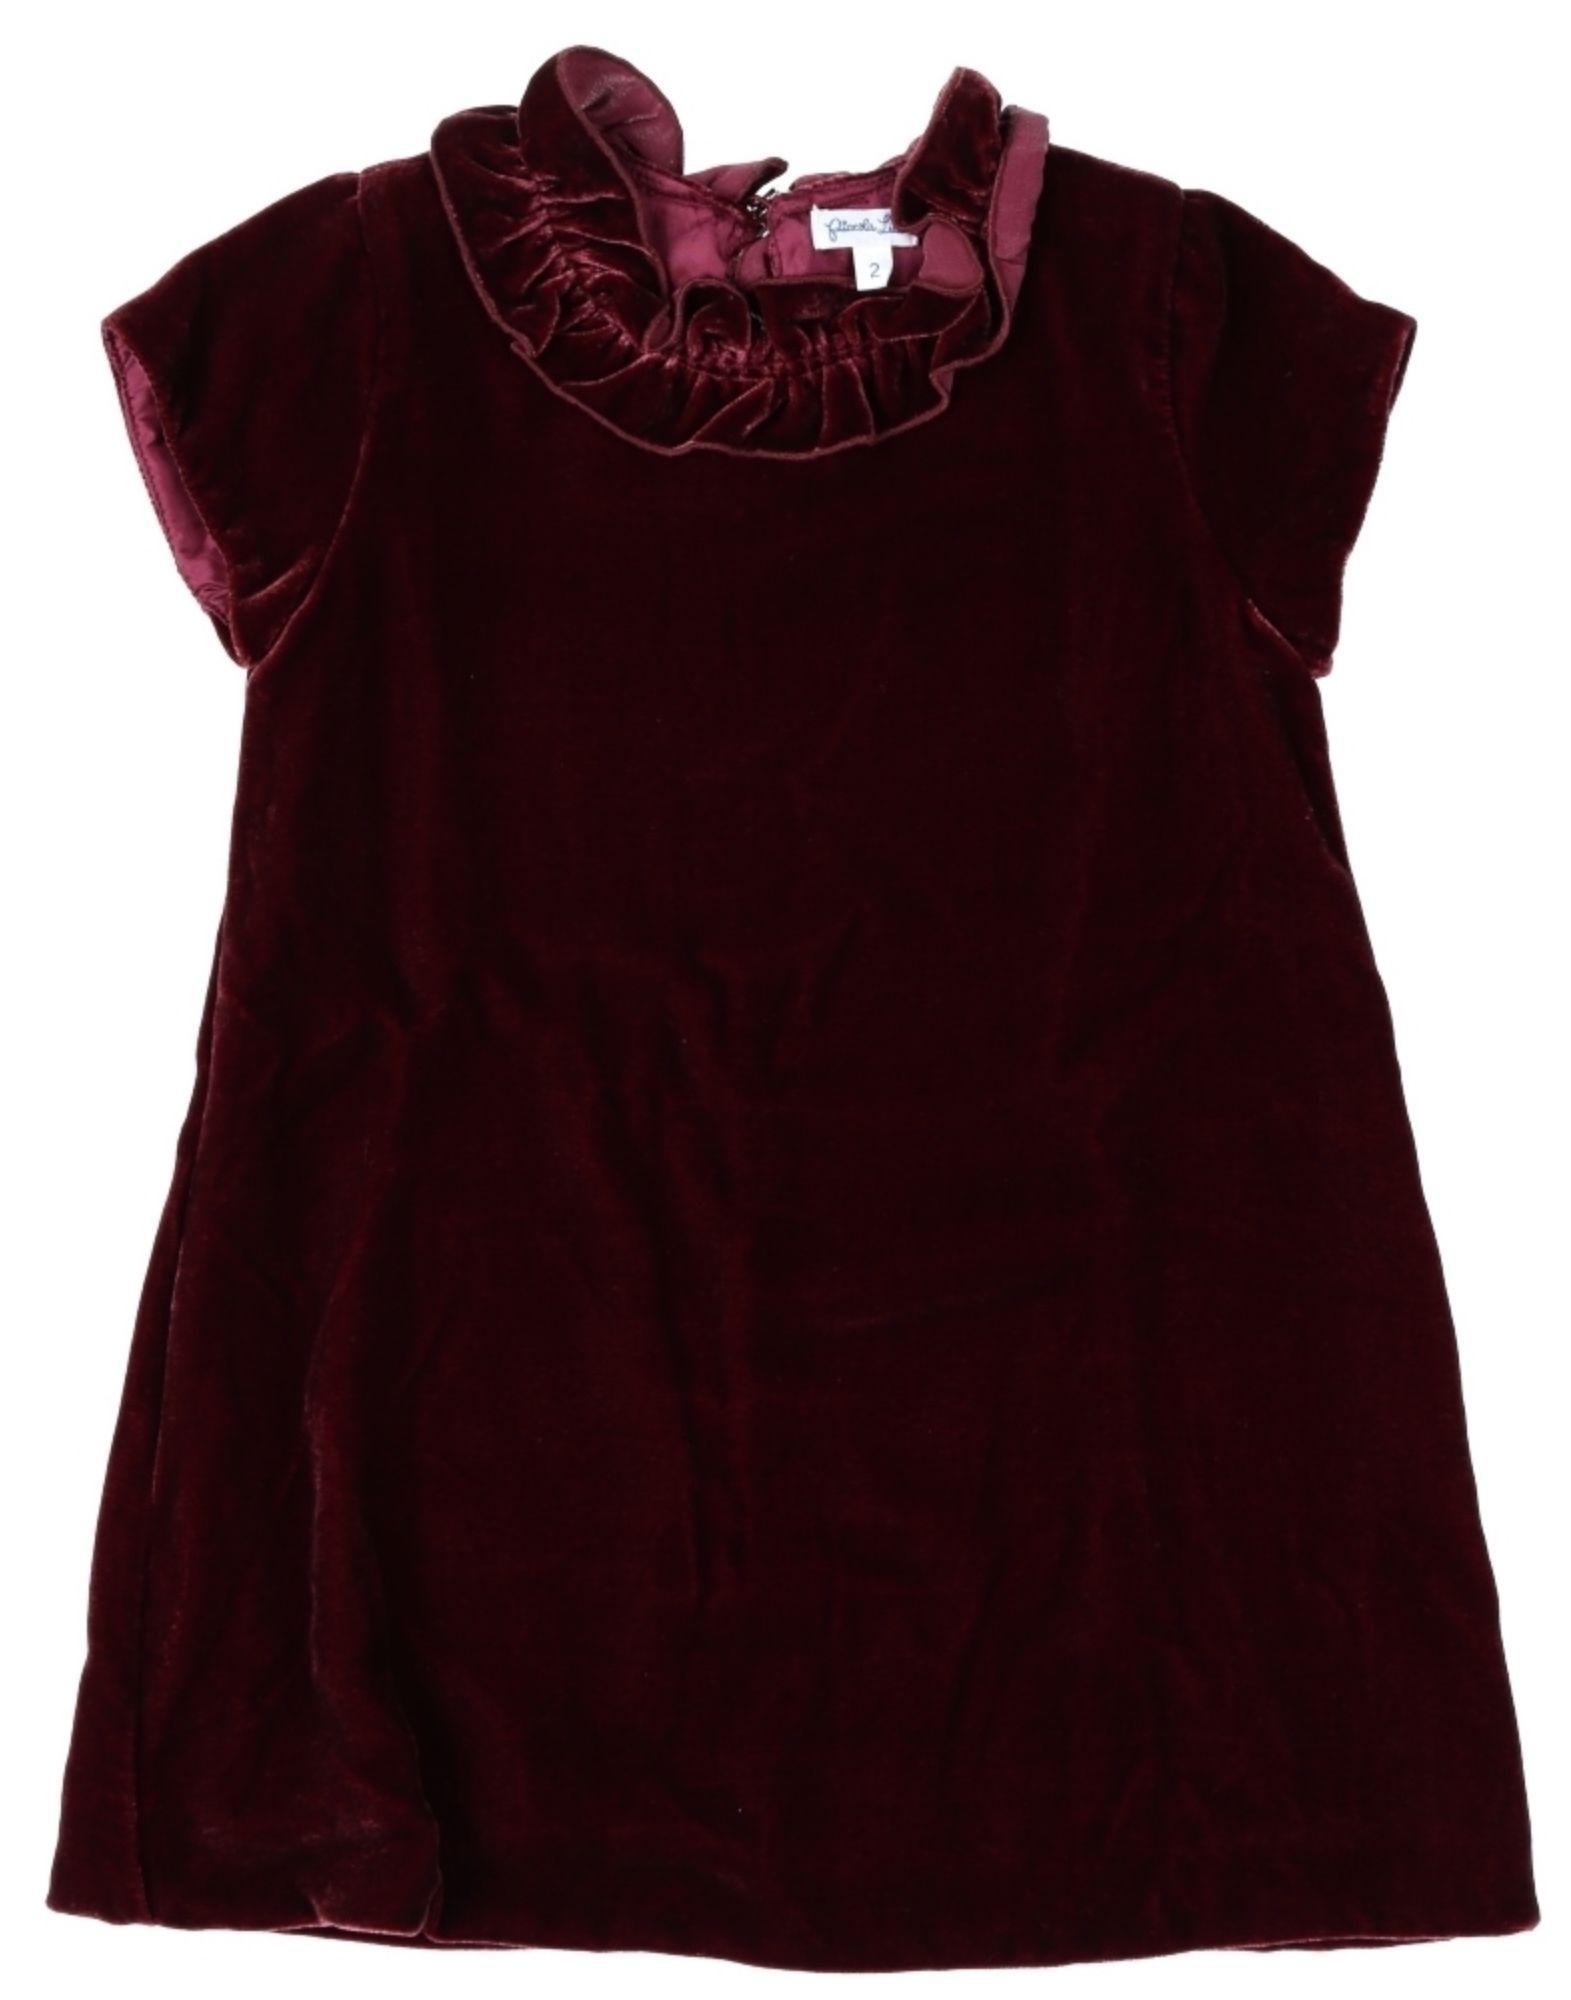 PICCOLA LUDO Mädchen 0-24 monate Kleid Farbe Pflaume Größe 10 - broschei